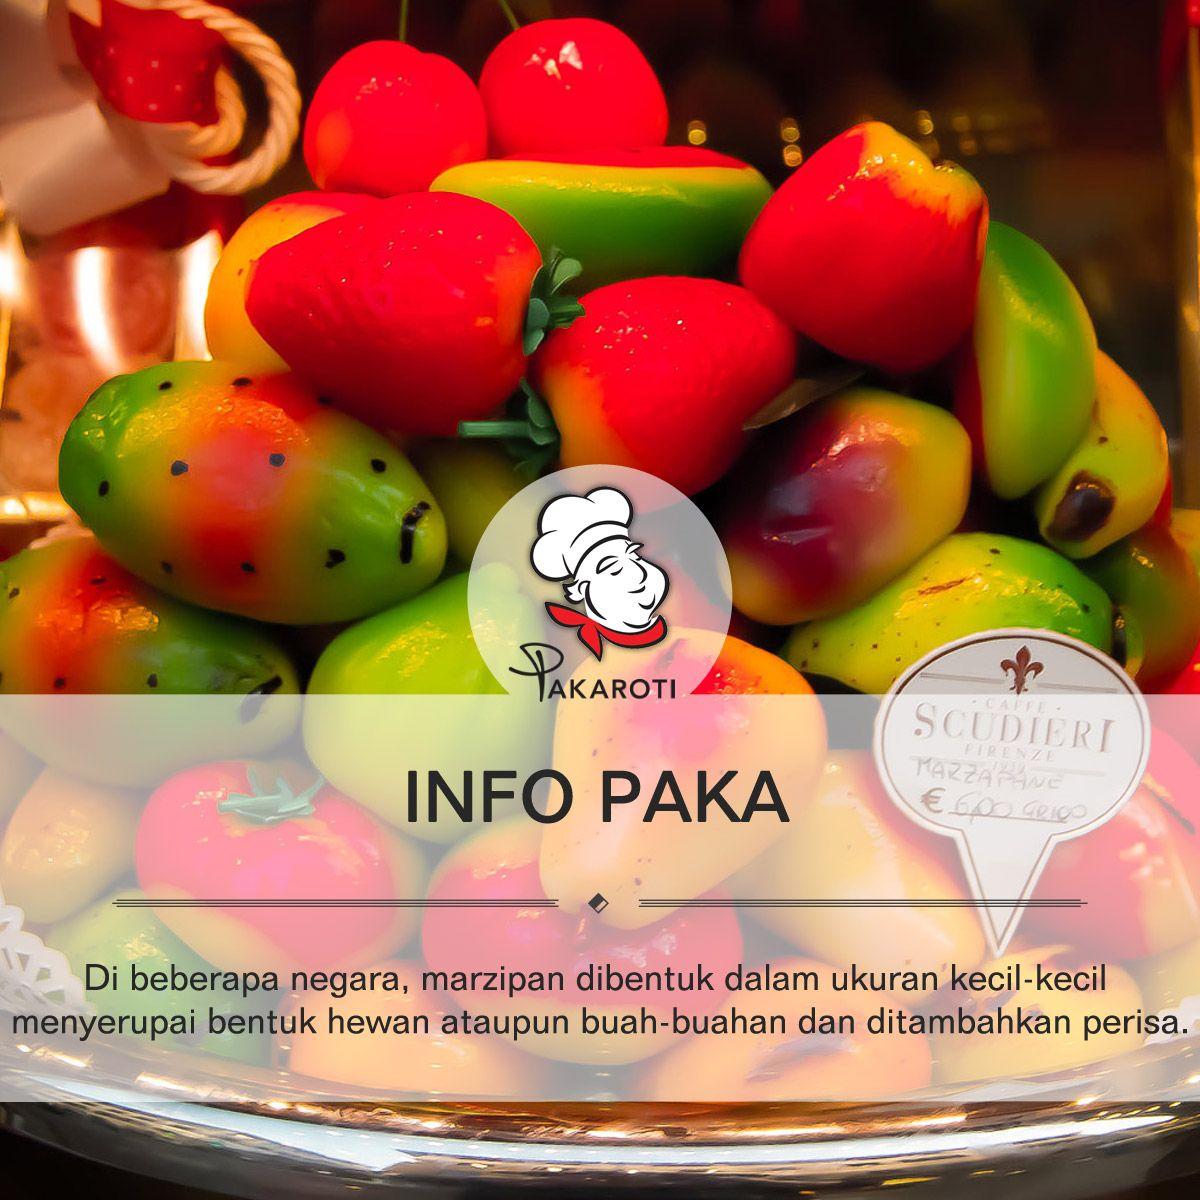 Selain Digunakan Sebagai Icing Pada Cake Marzipan Juga Bisa Diolah Menjadi Permen Di Beberapa Negara Marzipan Dibentuk Dalam Ukuran Kec Marzipan Buah Permen